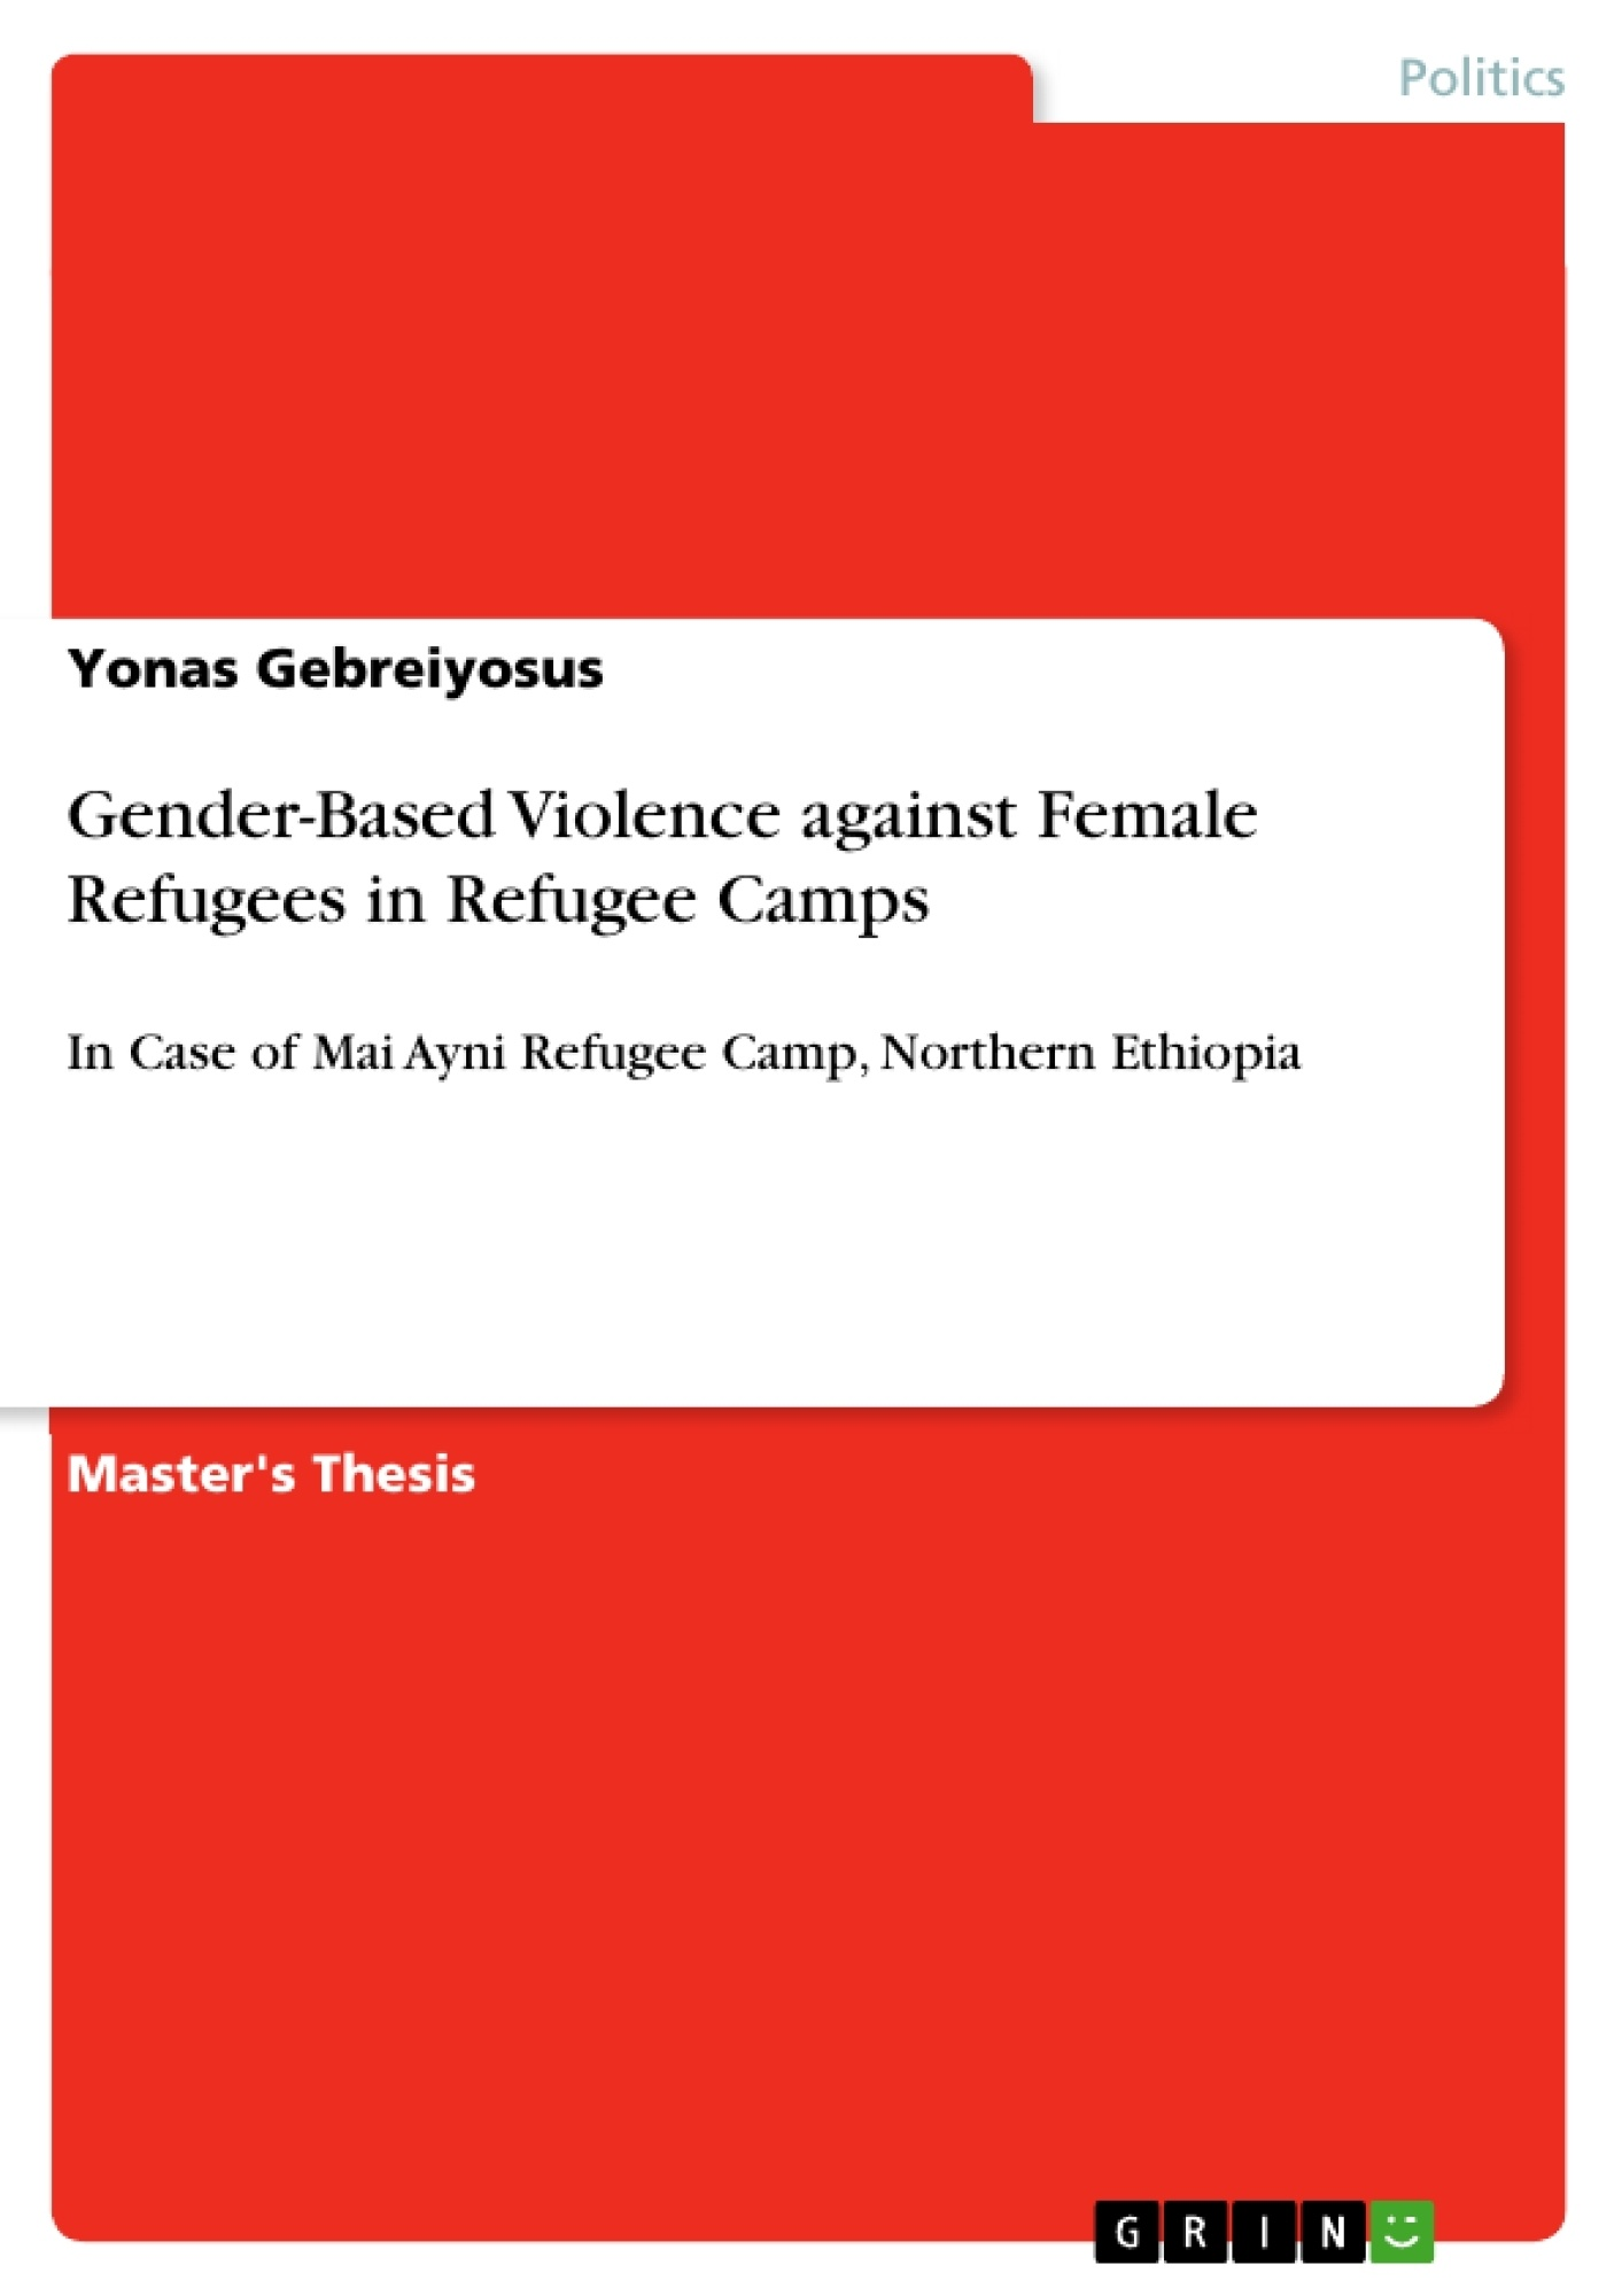 Title: Gender-Based Violence against Female Refugees in Refugee Camps